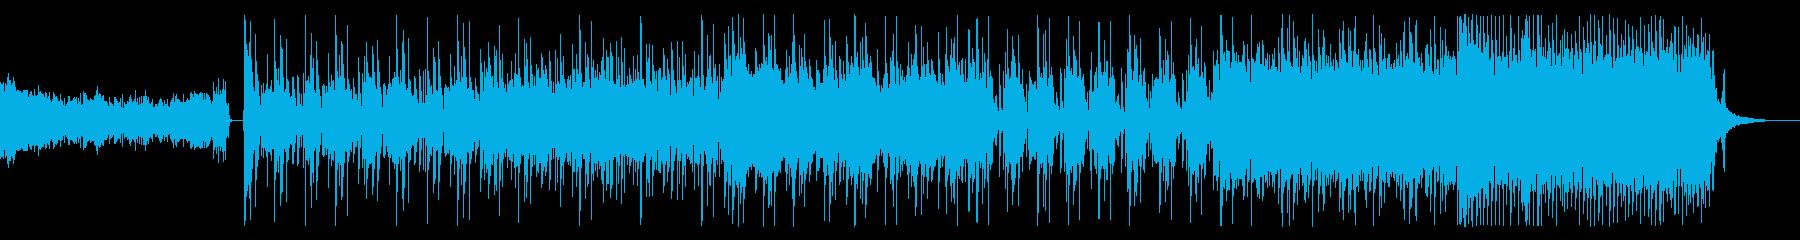 アイリッシュでノリノリなROCKの再生済みの波形